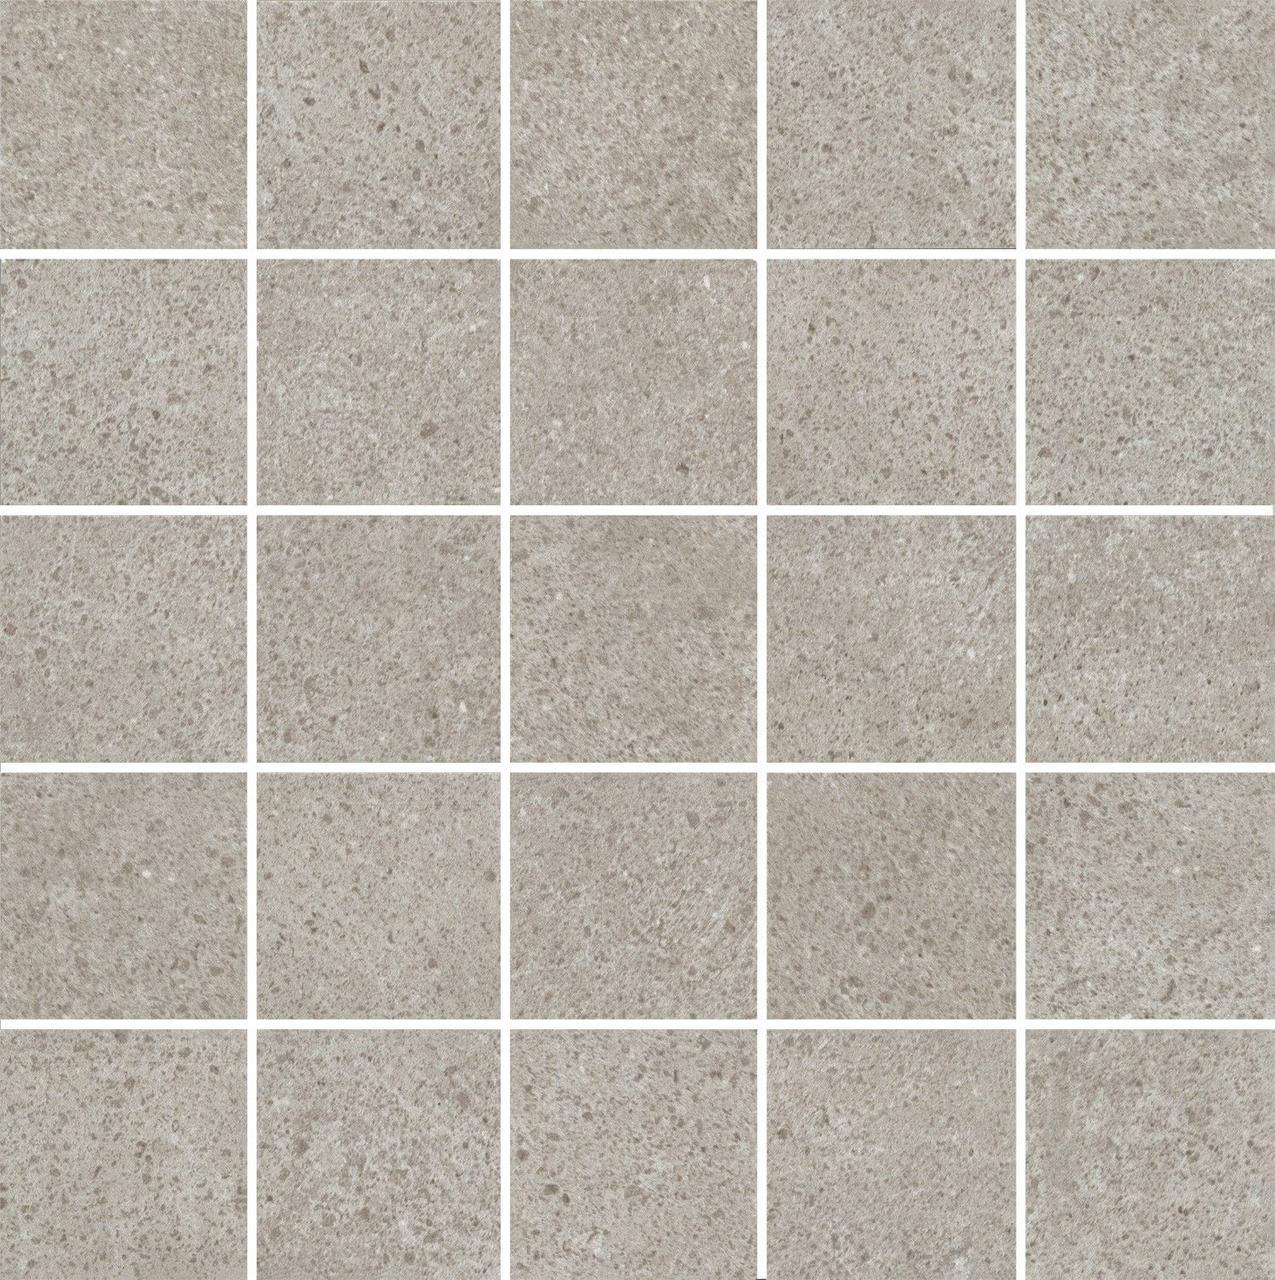 Декор Kerama Marazzi керам. д/с безана серый мозаичный 25х25, mm12137 MM12137